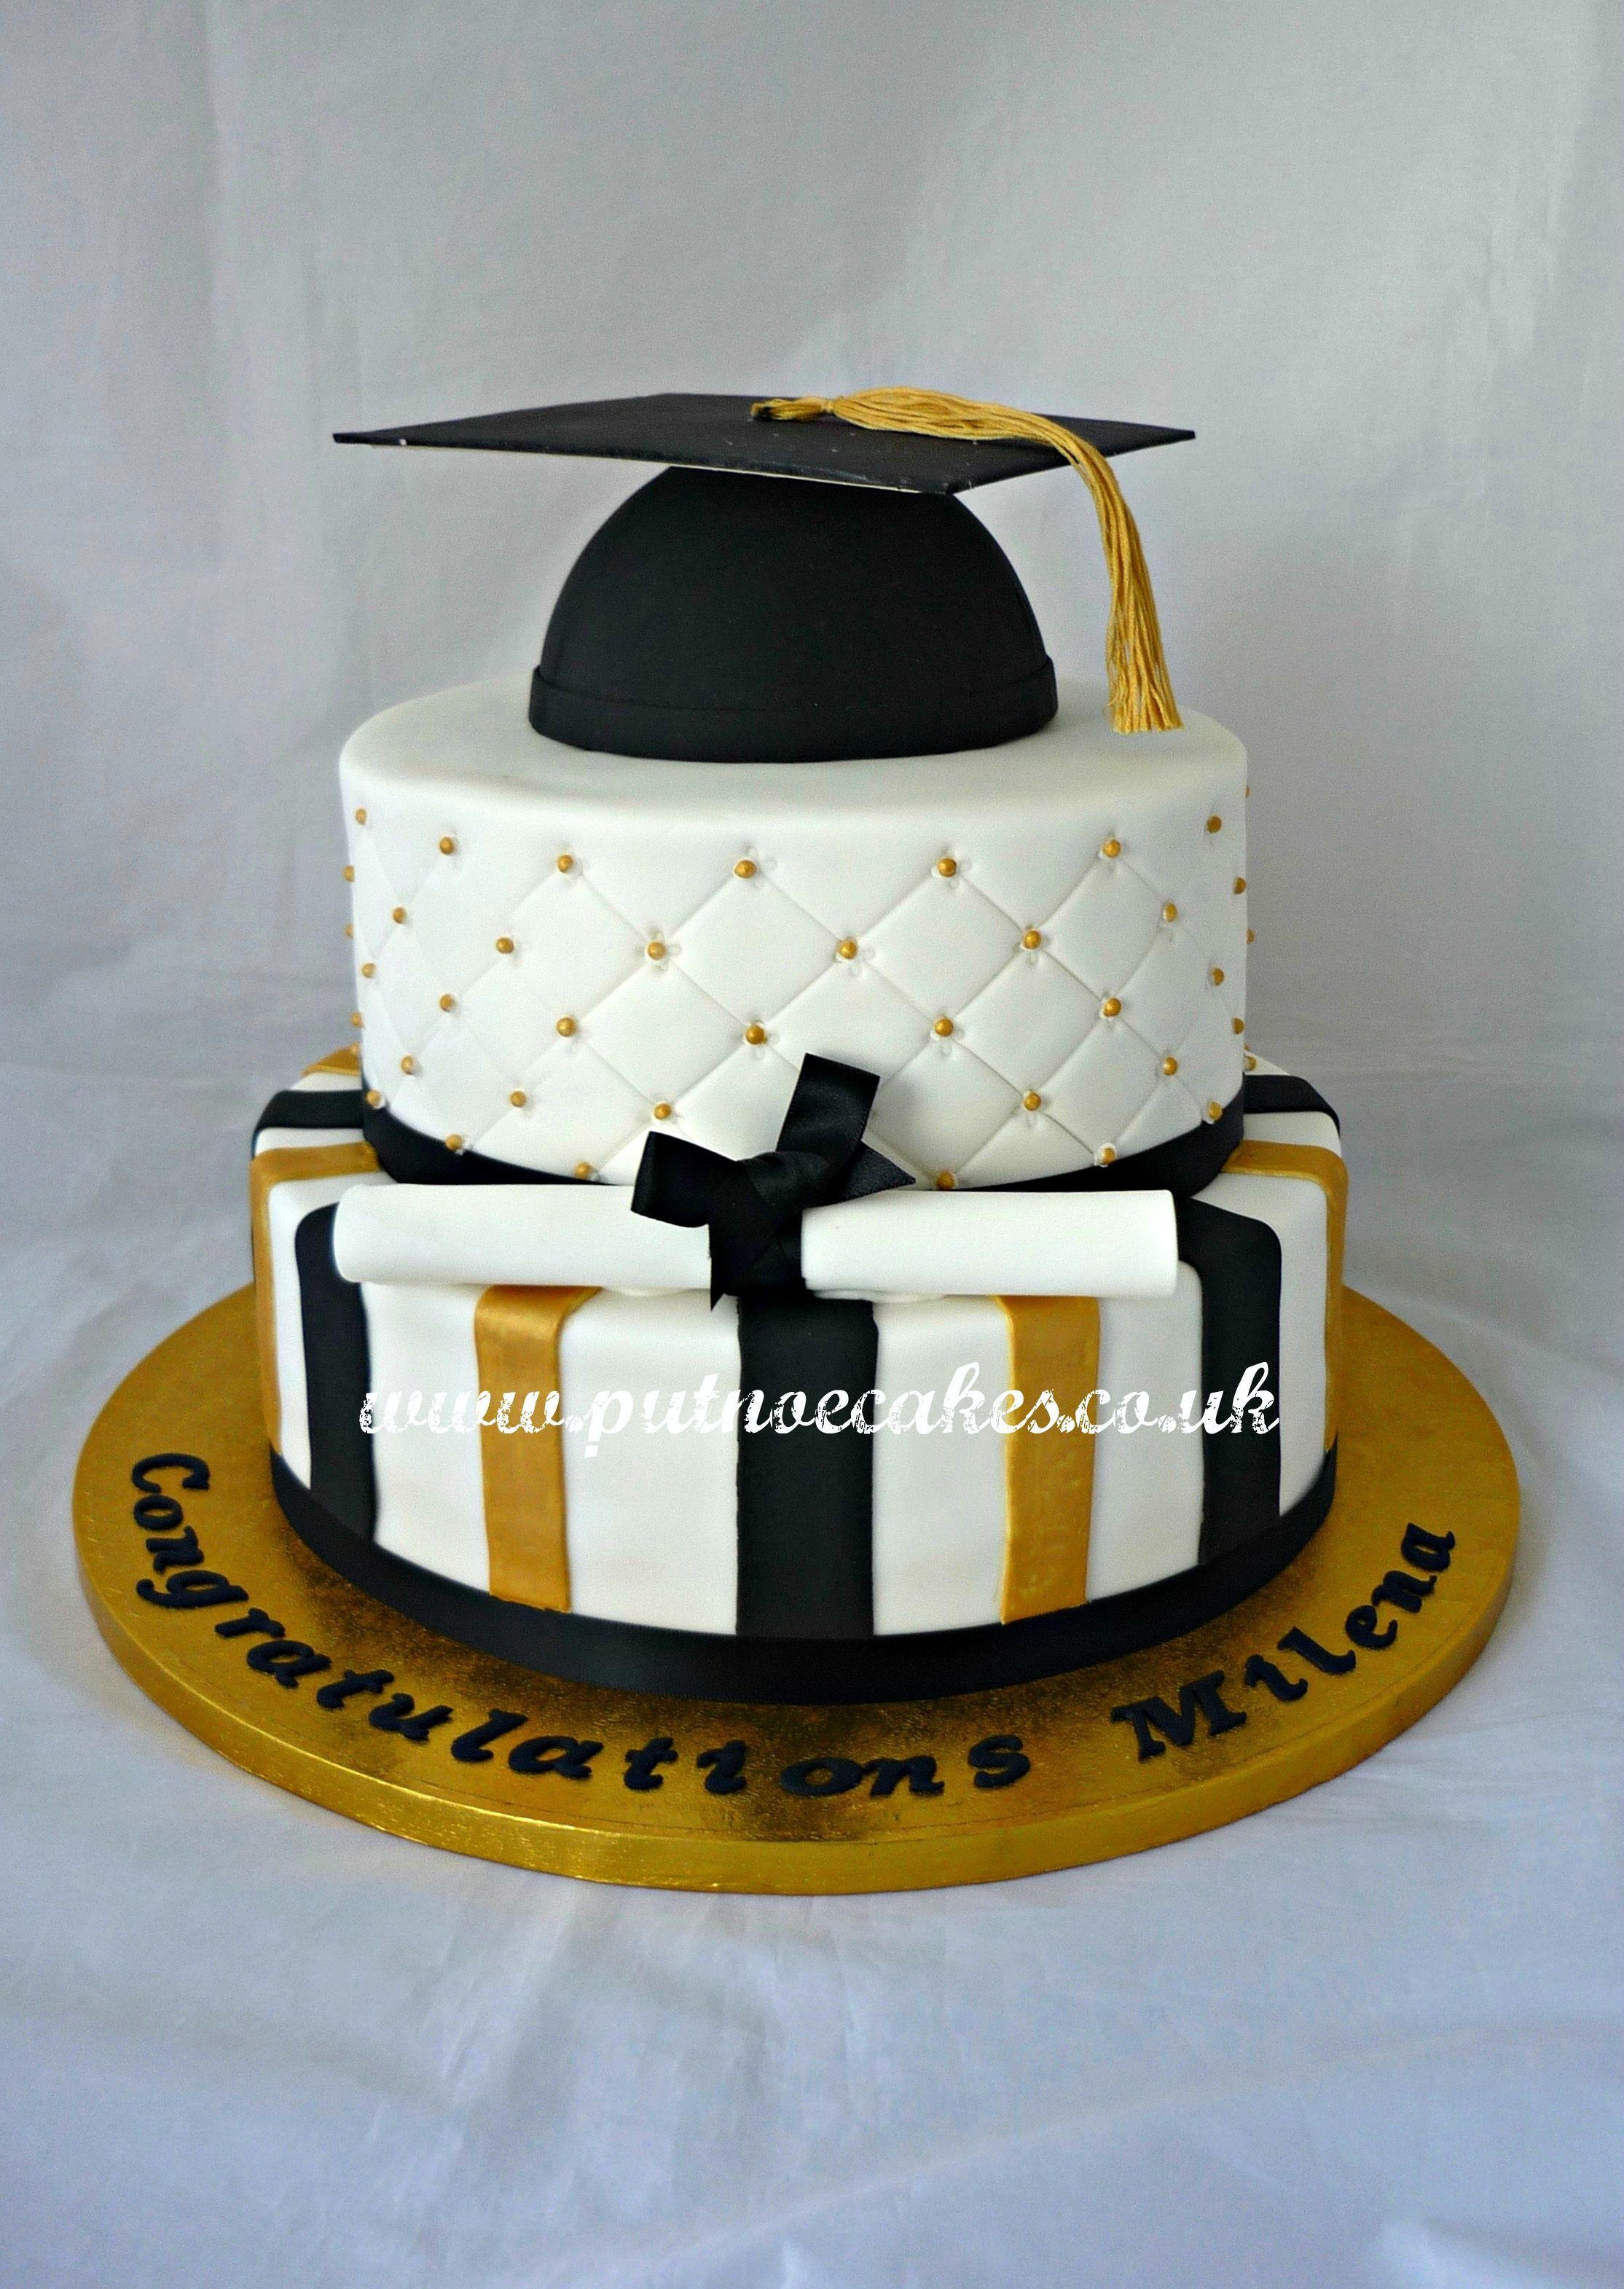 Two Tier Graduation Cake Con Imagenes Tortas Tematicas Tartas